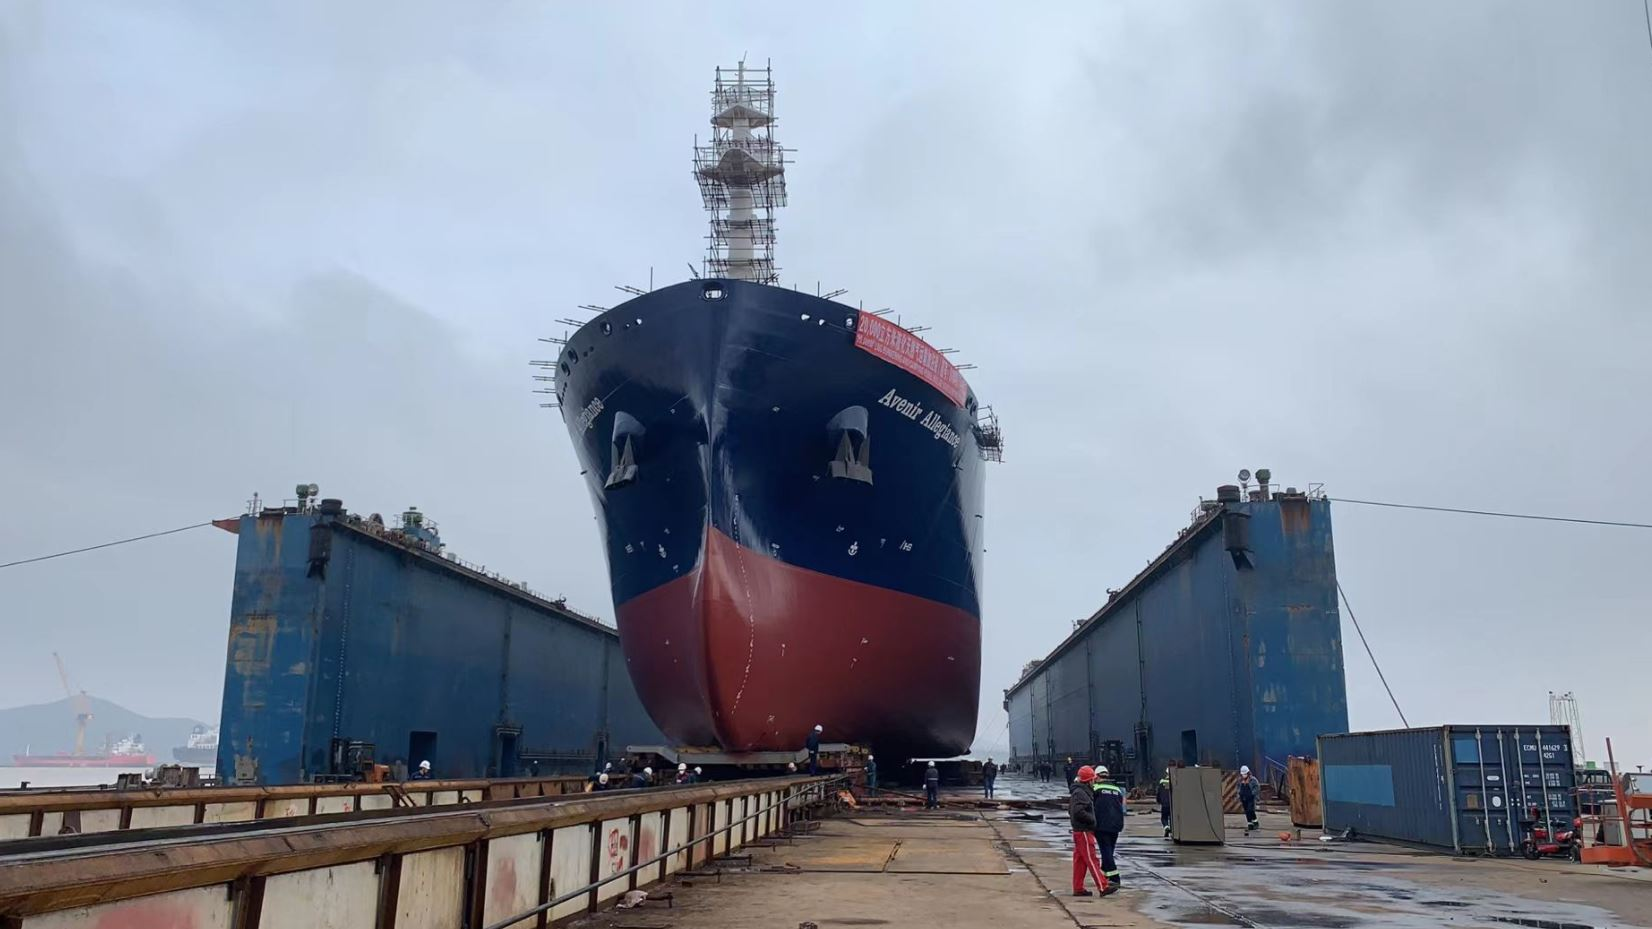 CIMC SOE launches another Avenir LNG newbuild